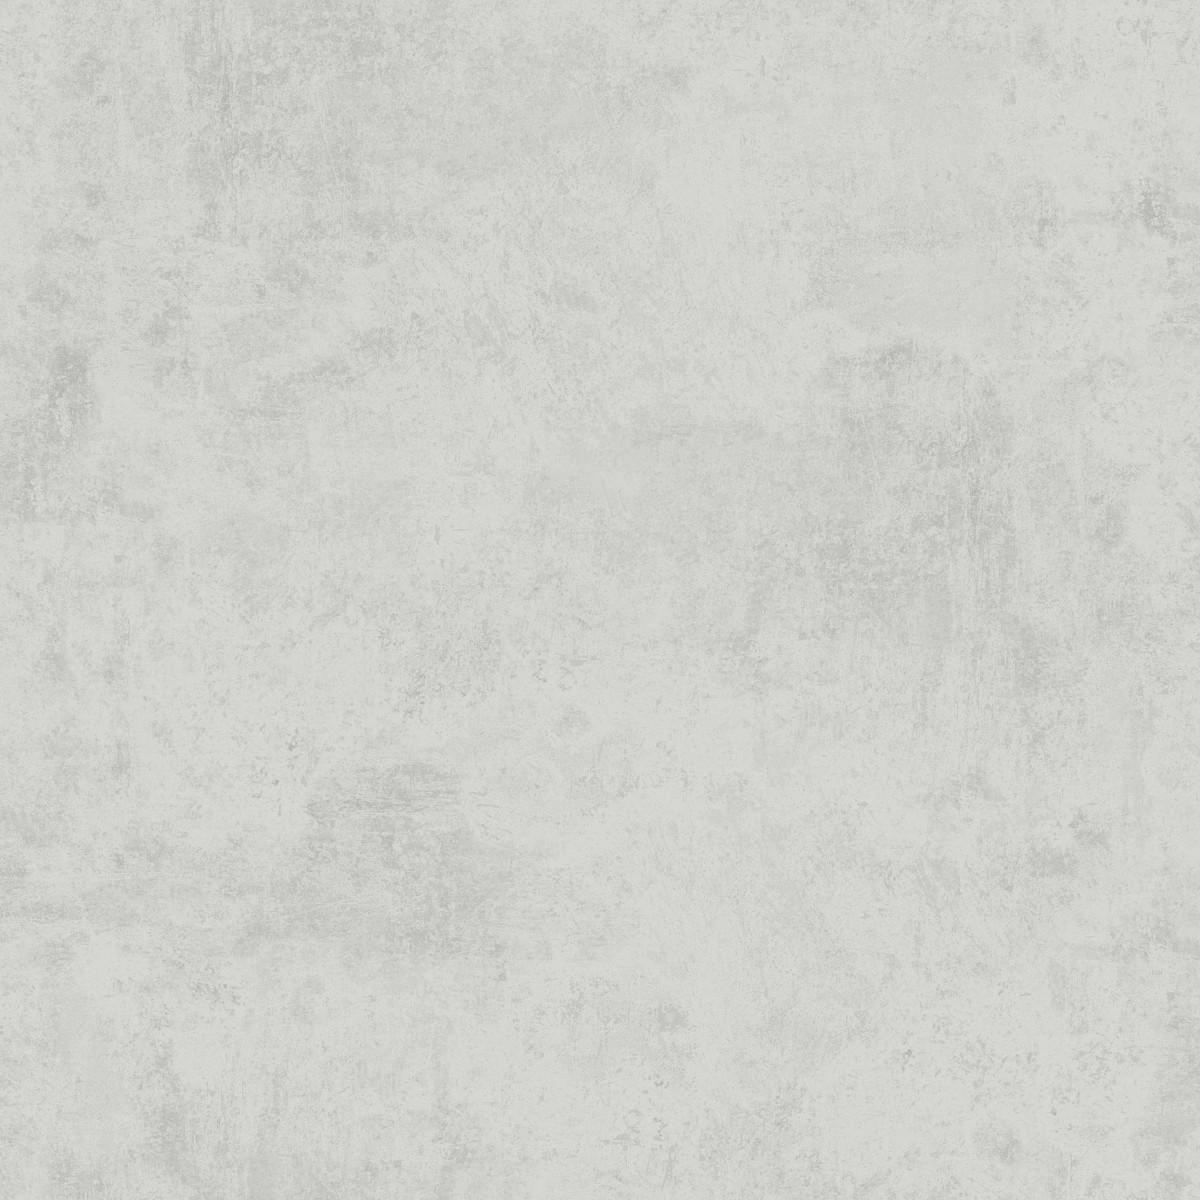 Обои флизелиновые Decoprint Yala серые 0.53 м YA19505